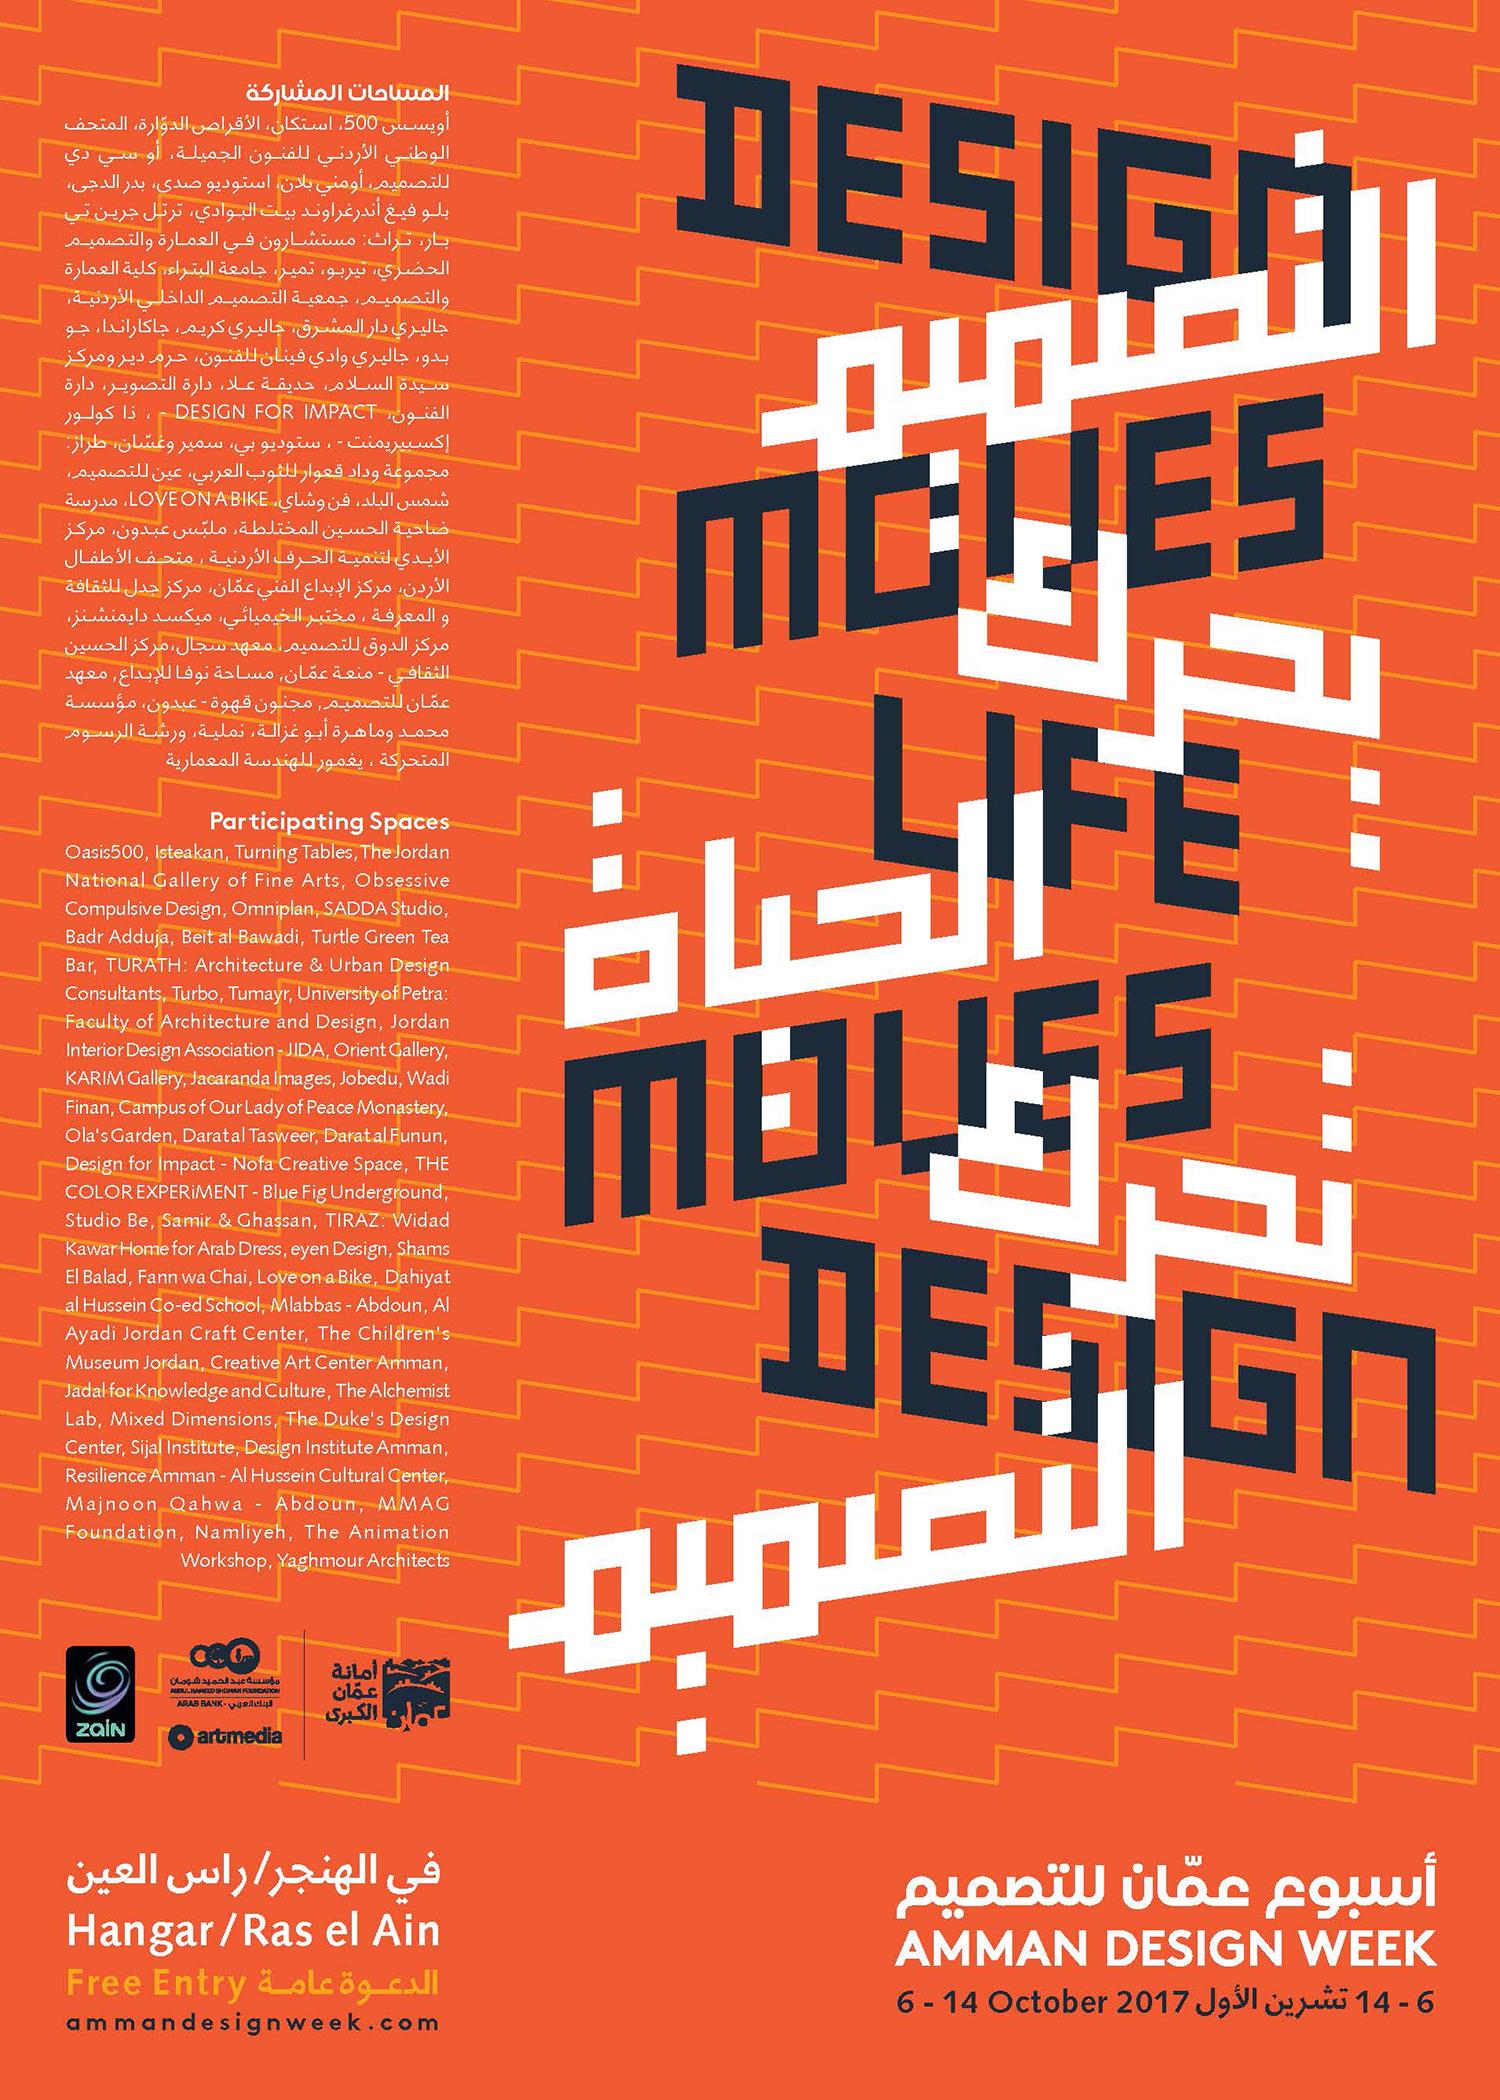 Amman Design Week 2017 Main Poster